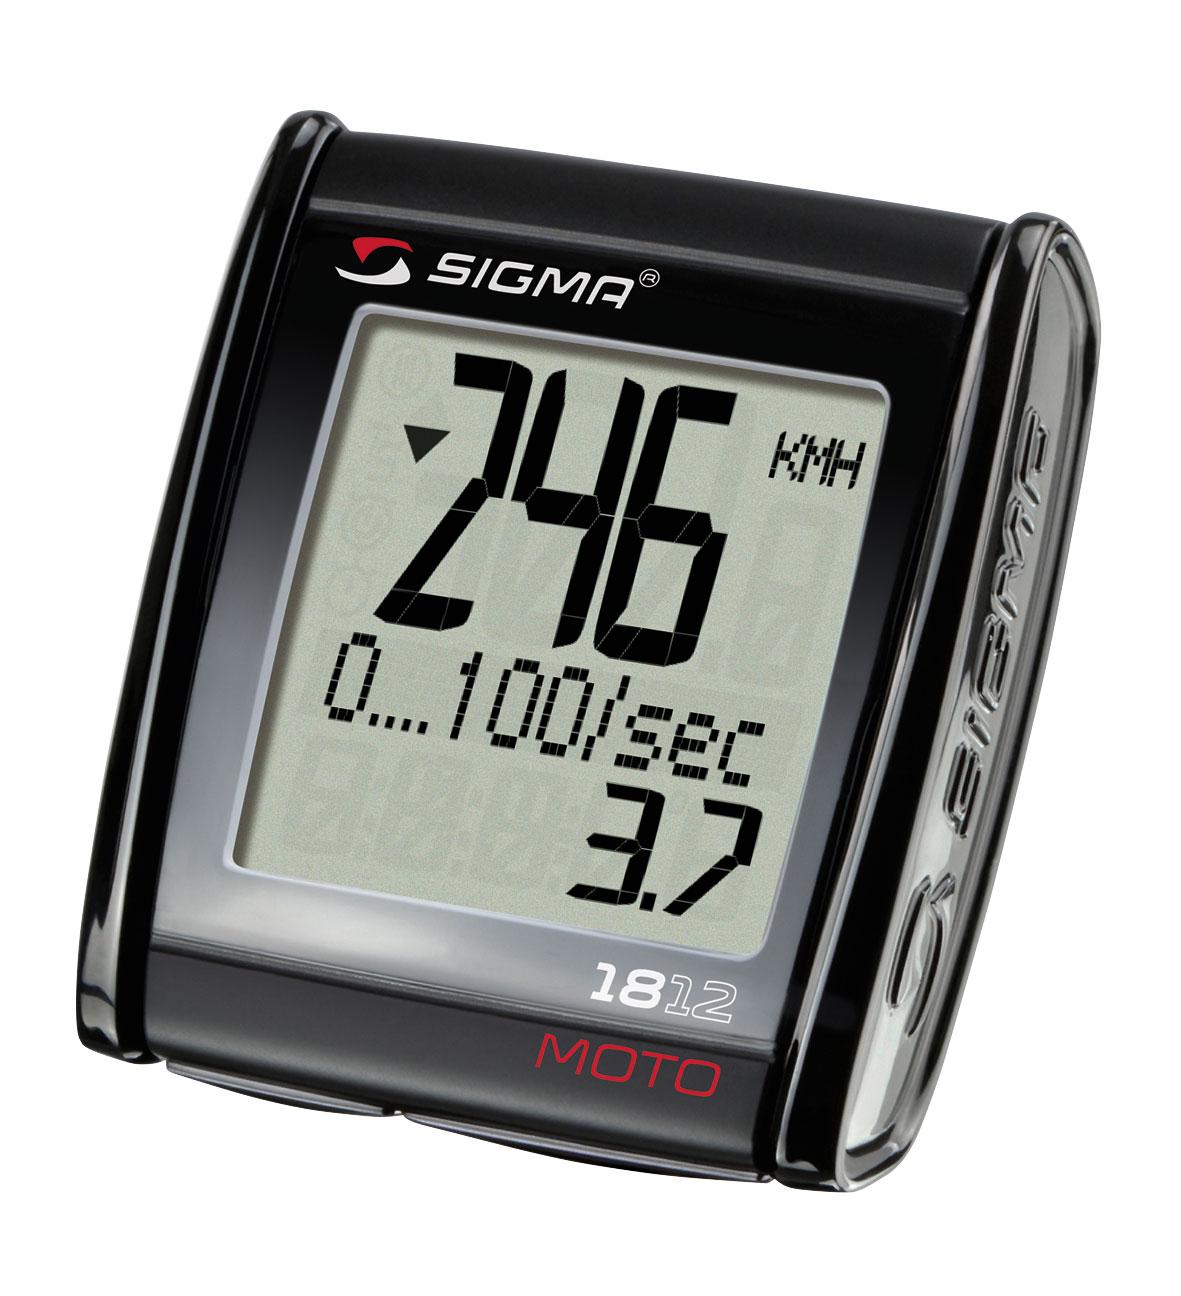 Počítač SIGMA MC 18.12 max. rychlost 399km/hod.